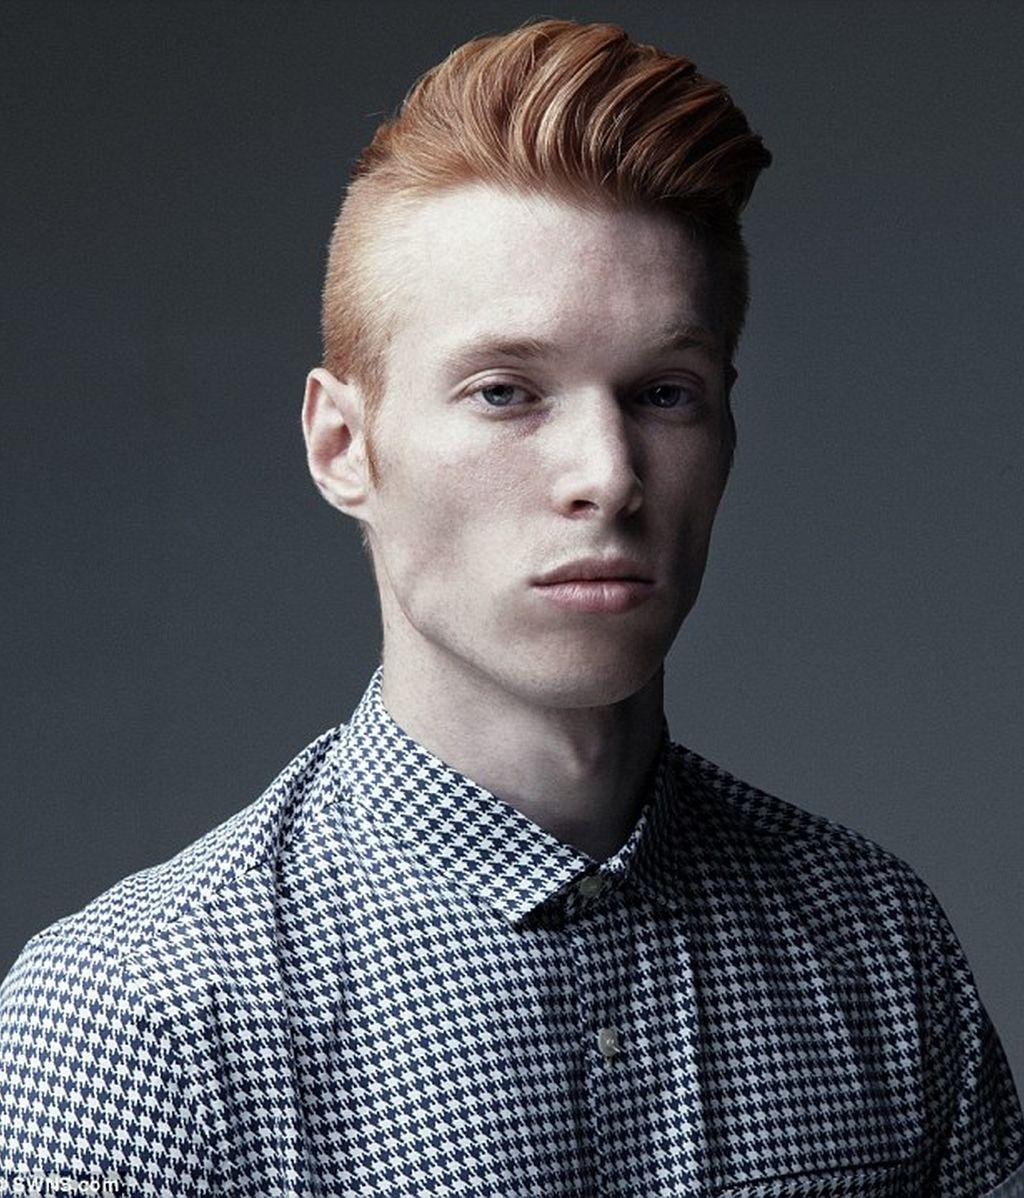 Louis Evans, modelo británico pelirrojo de éxito